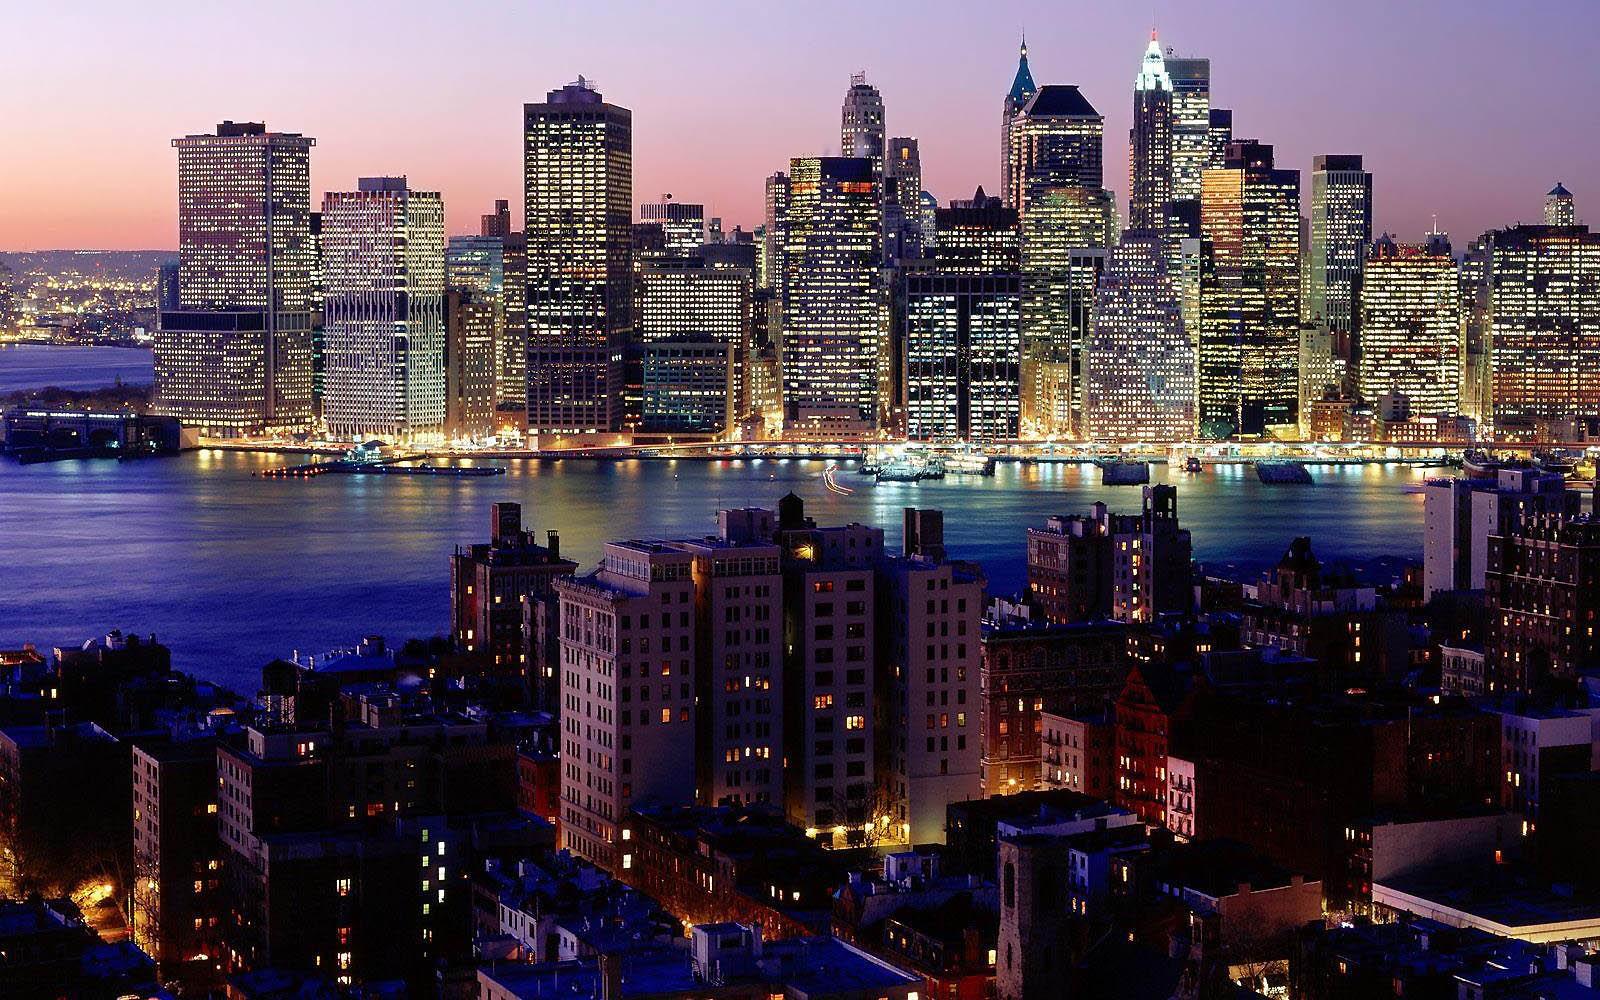 New York City Wallpaper Widescreen HD wallpaper background 1600x1000